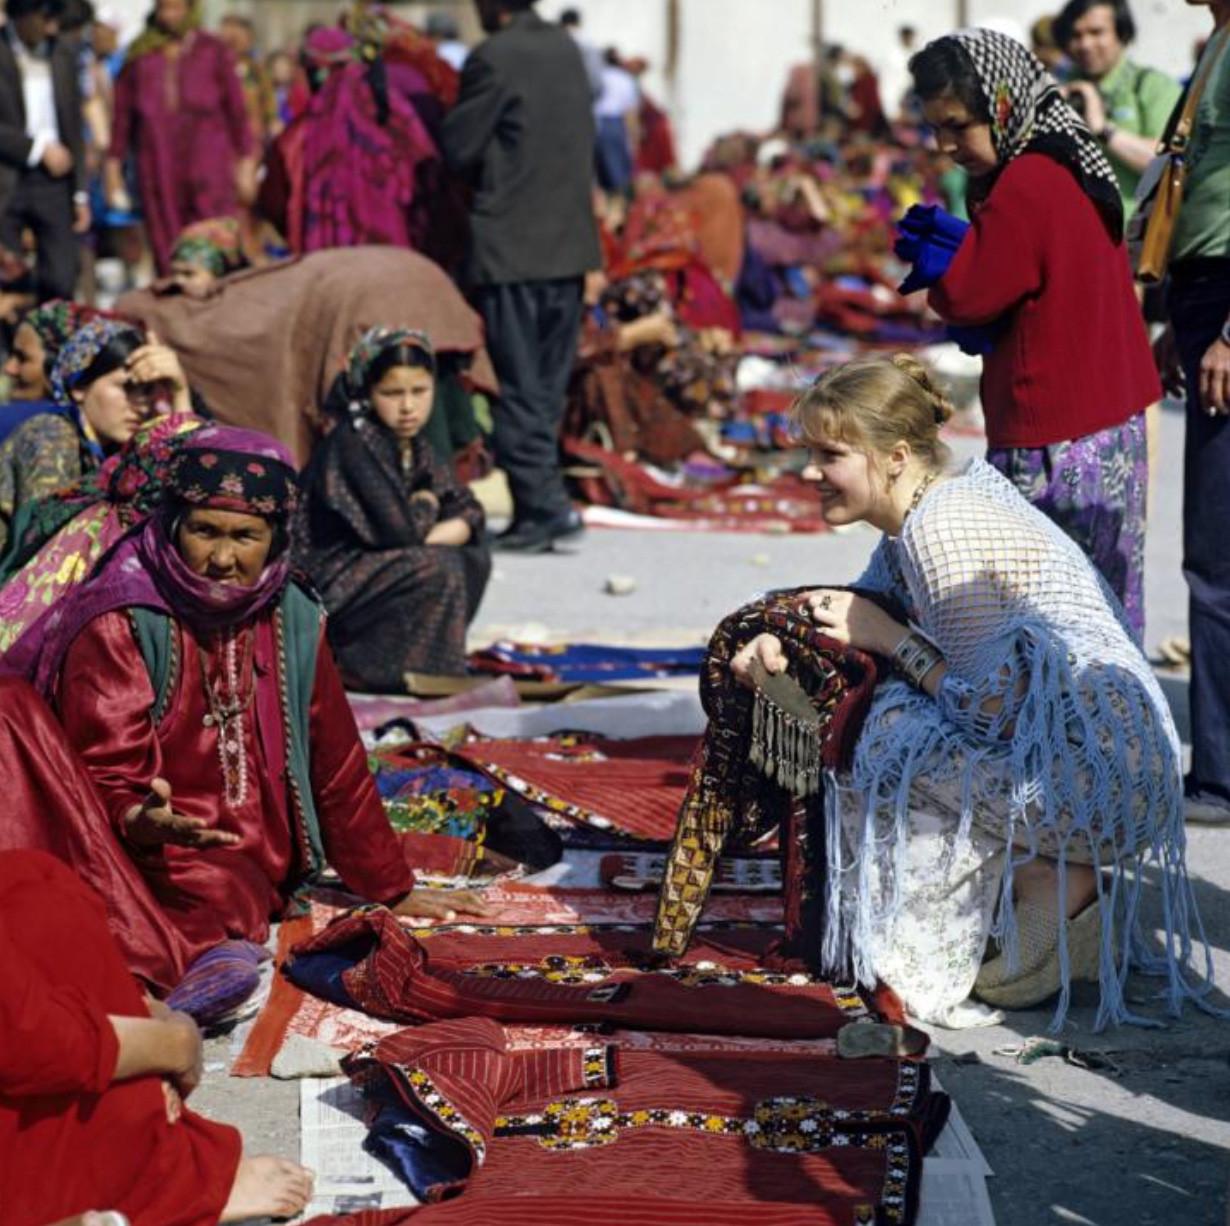 Елена Проклова участница XII Всесоюзного кинофестиваля на туркменском рынке 1979 Виктор Чернов